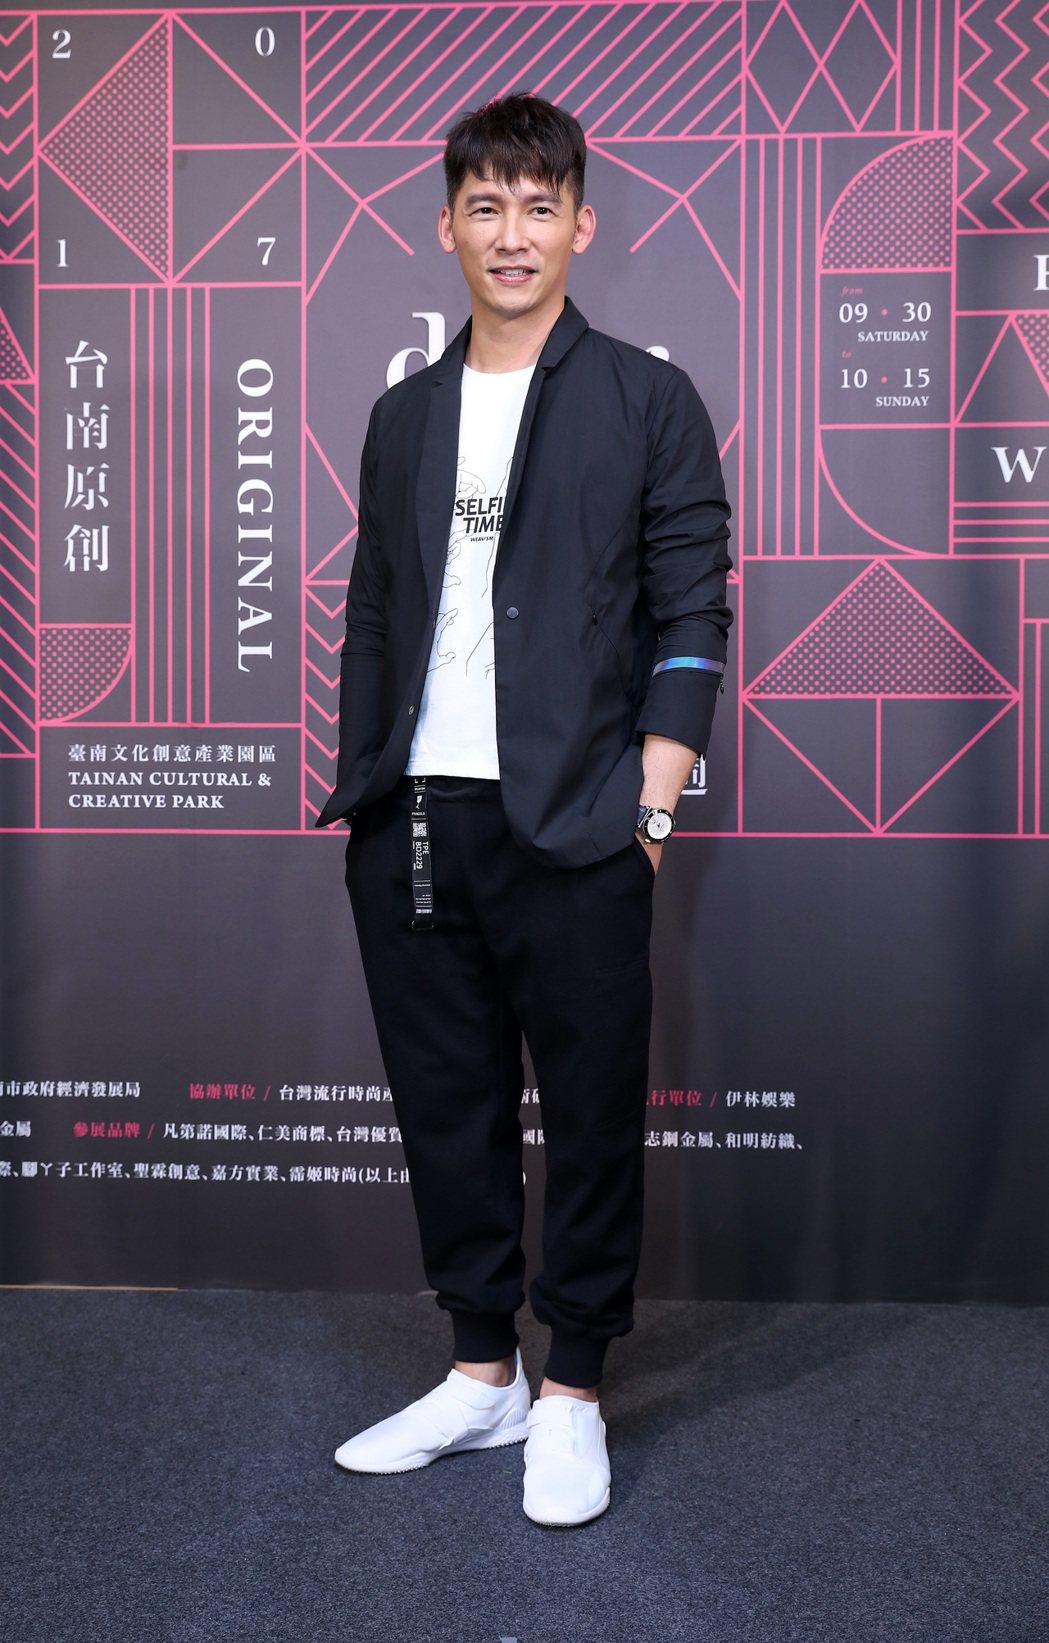 溫昇豪出席台南原創時裝周,久未走秀魅力不減當年。圖/伊林提供